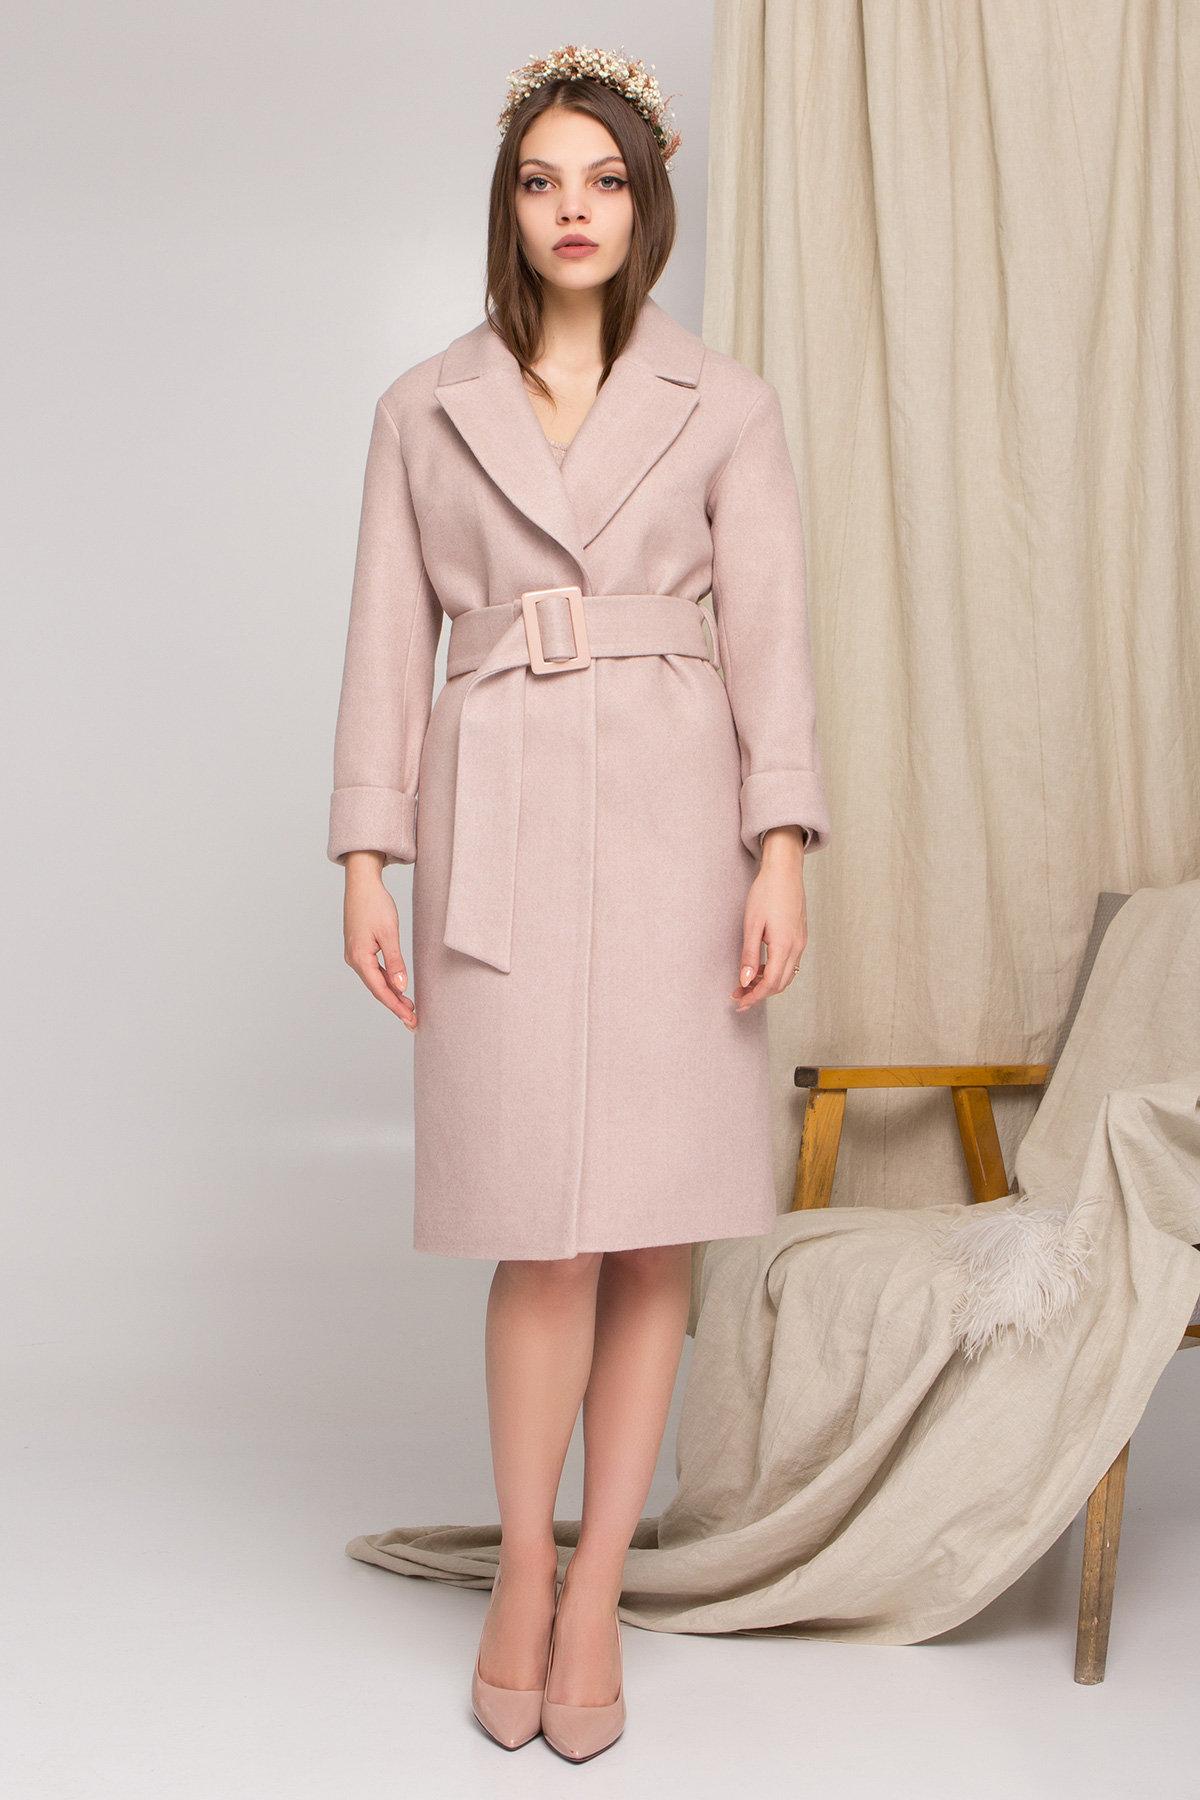 Пальто женское демисезонное купить в интернете Стильное бежевое пальто Севен 8755